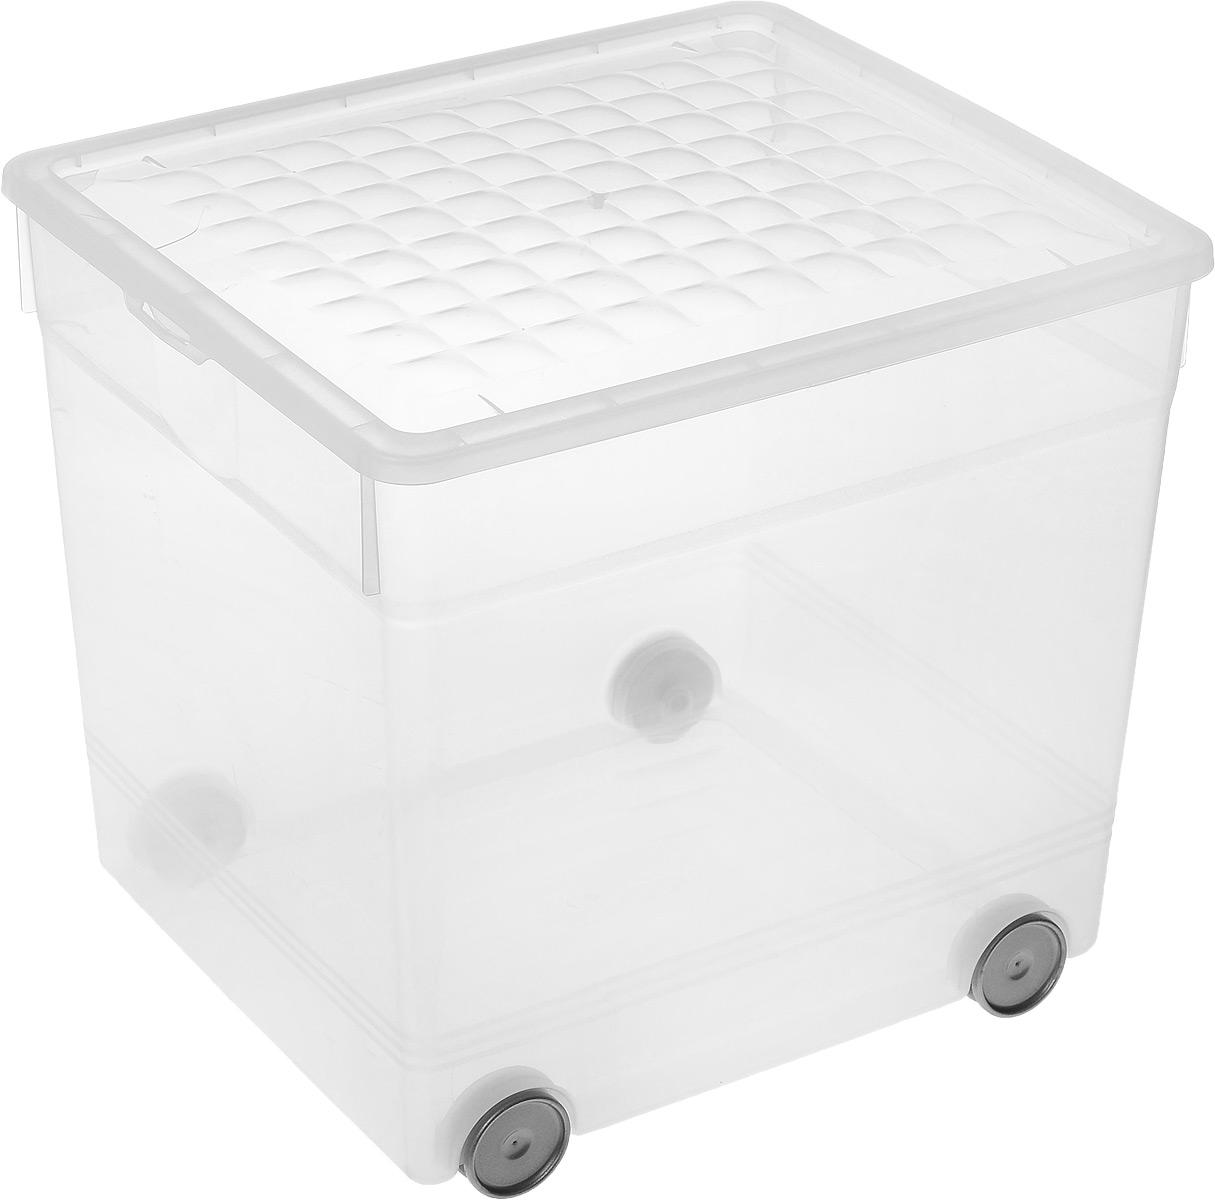 Контейнер для хранения Curver, на колесиках, 33 л03001-346-01Контейнер для хранения Curver изготовлен из прозрачного пластика. Изделие предназначено для хранения различных бытовых вещей, игрушек, одежды и многого другого. Контейнер оснащен четырьмя колесиками и откидной крышкой, которая закрывается на две защелки. Размер контейнера: 34,5 х 30 х 34 см.